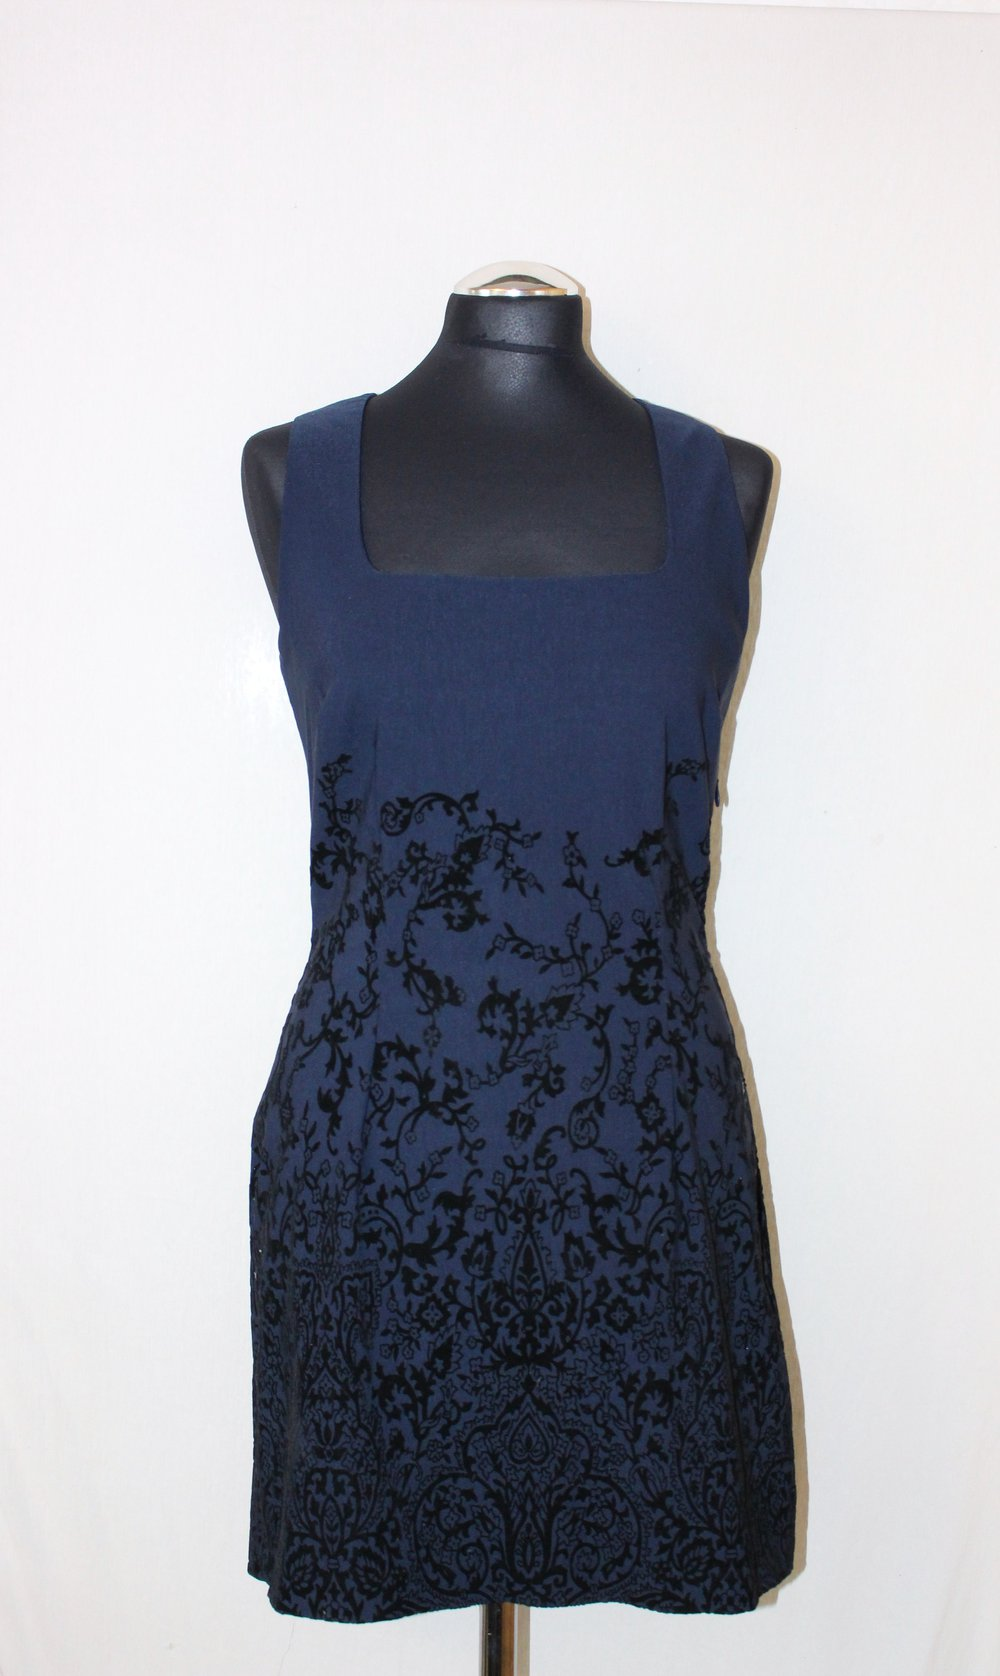 Blaues schickes kurzes Kleid Muster